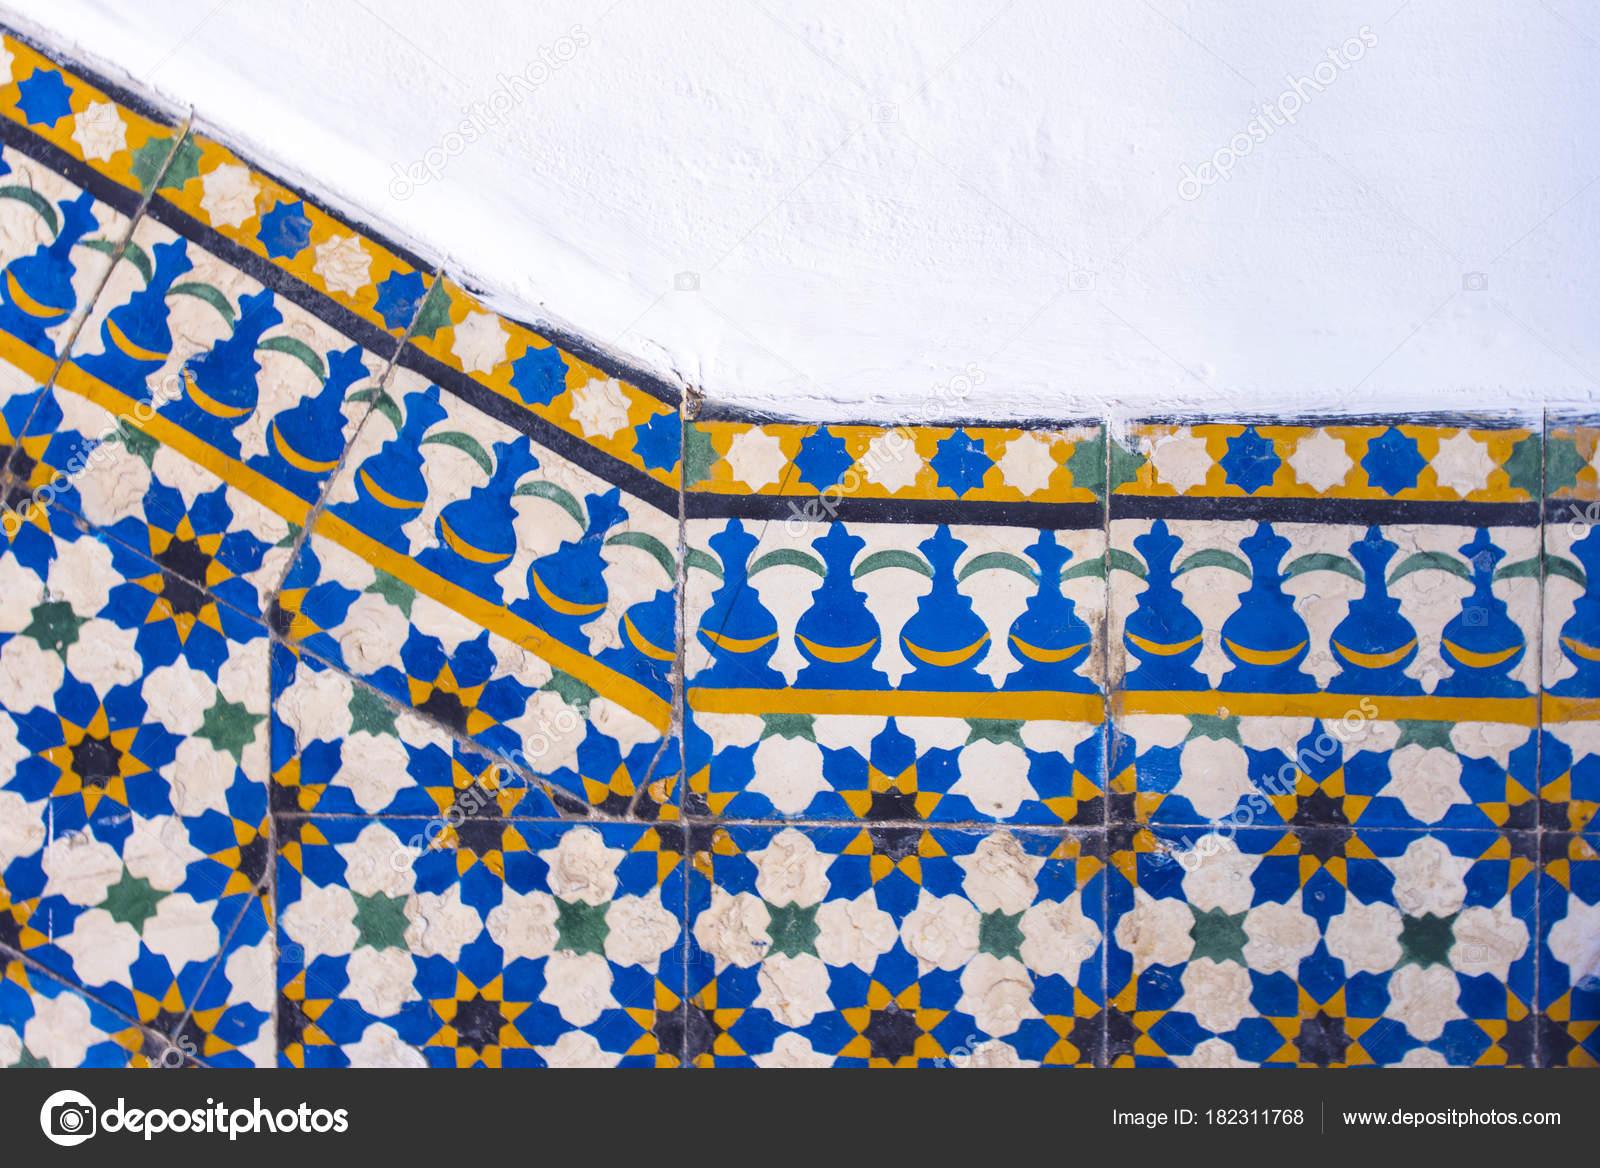 Piastrelle marocchine con modelli tradizionali arabi modelli